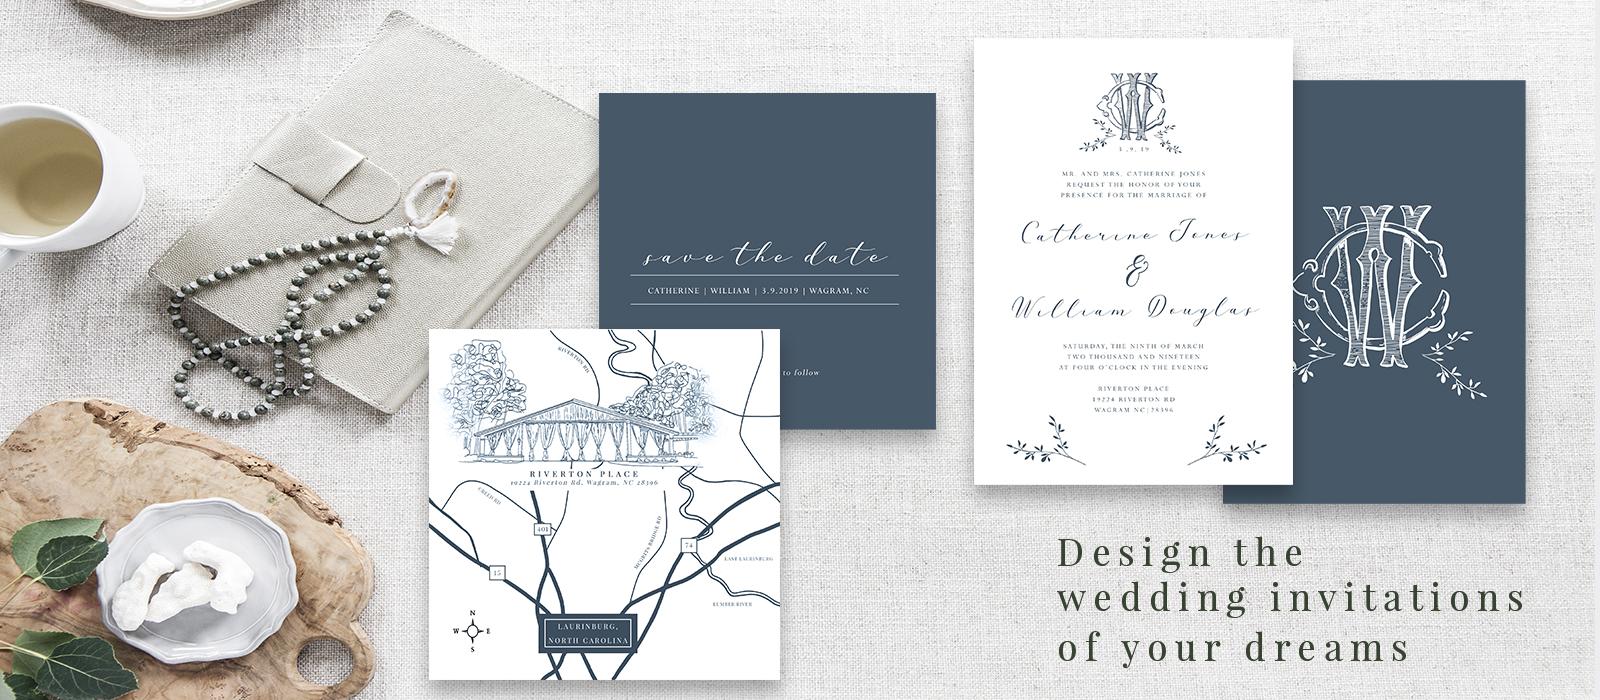 wedding invite banner.jpg